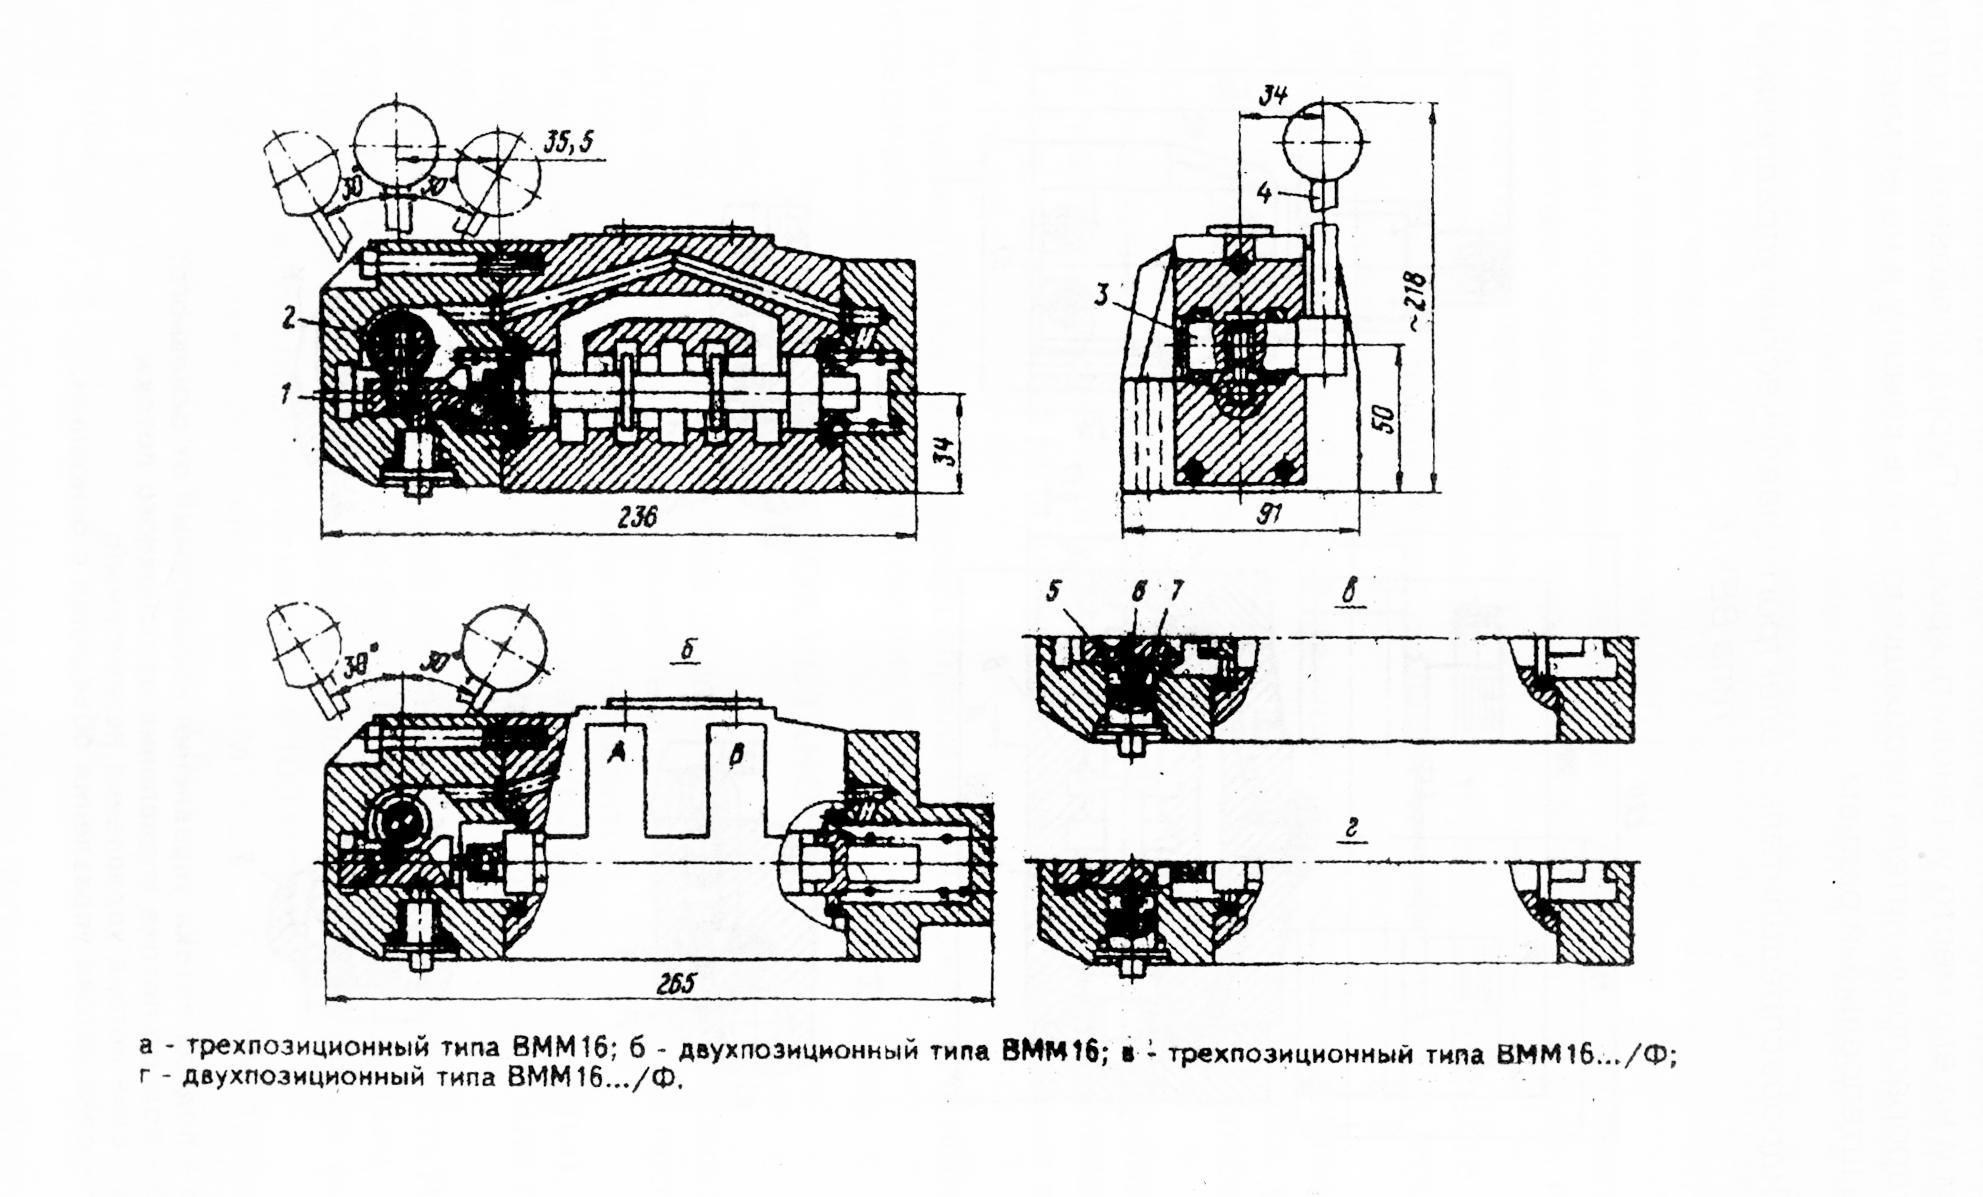 Габаритные размеры гидрораспределителя с ручным (от рукоятки) управлением ВЕХ16